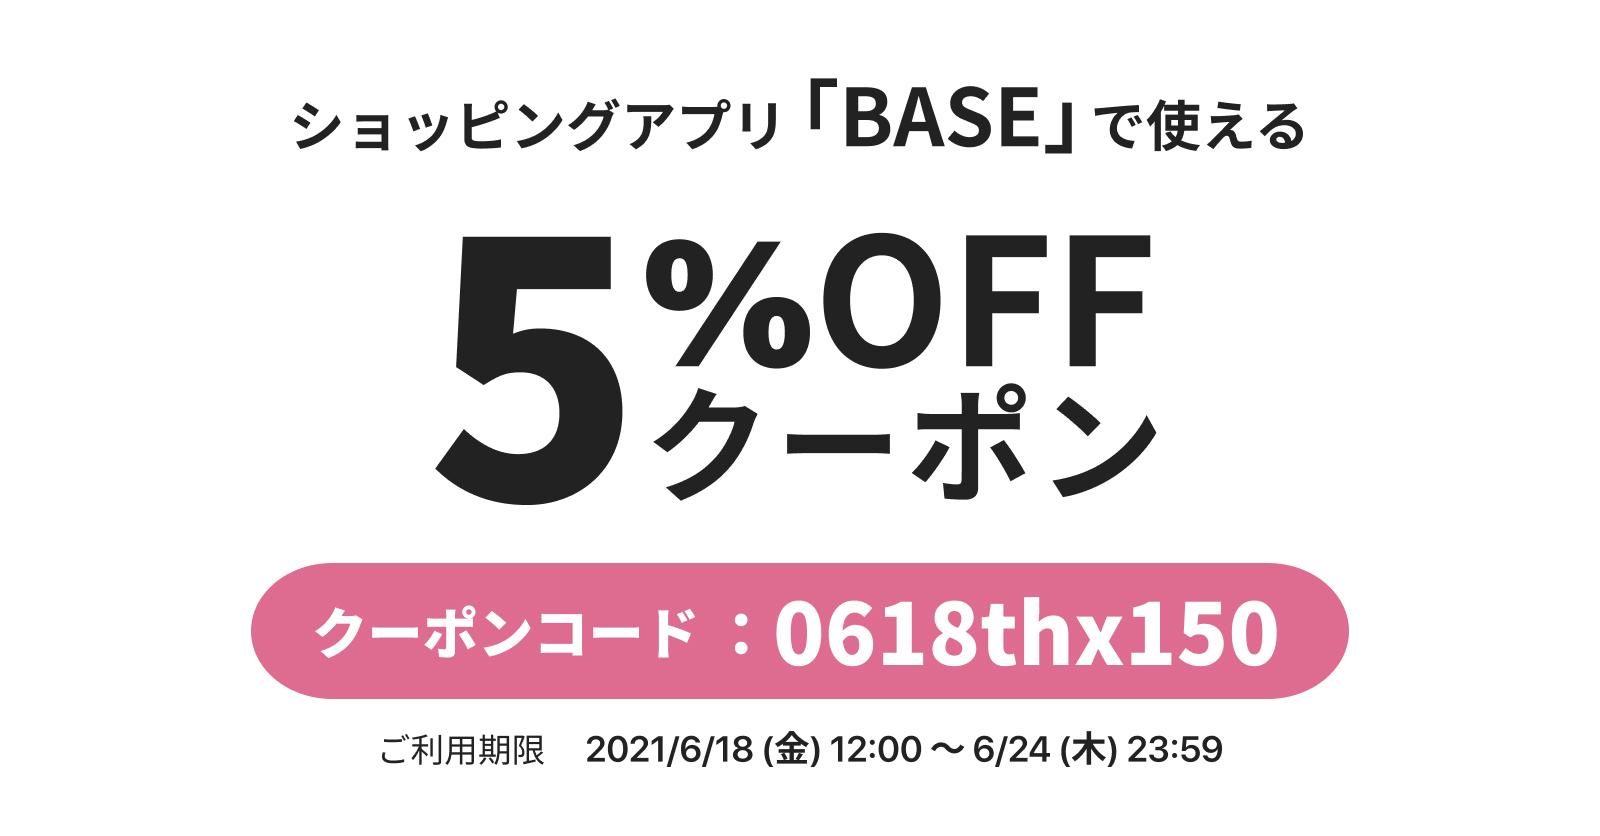 【アプリ限定】6/18(金)~6/24(木)全品5%OFF特別クーポン!